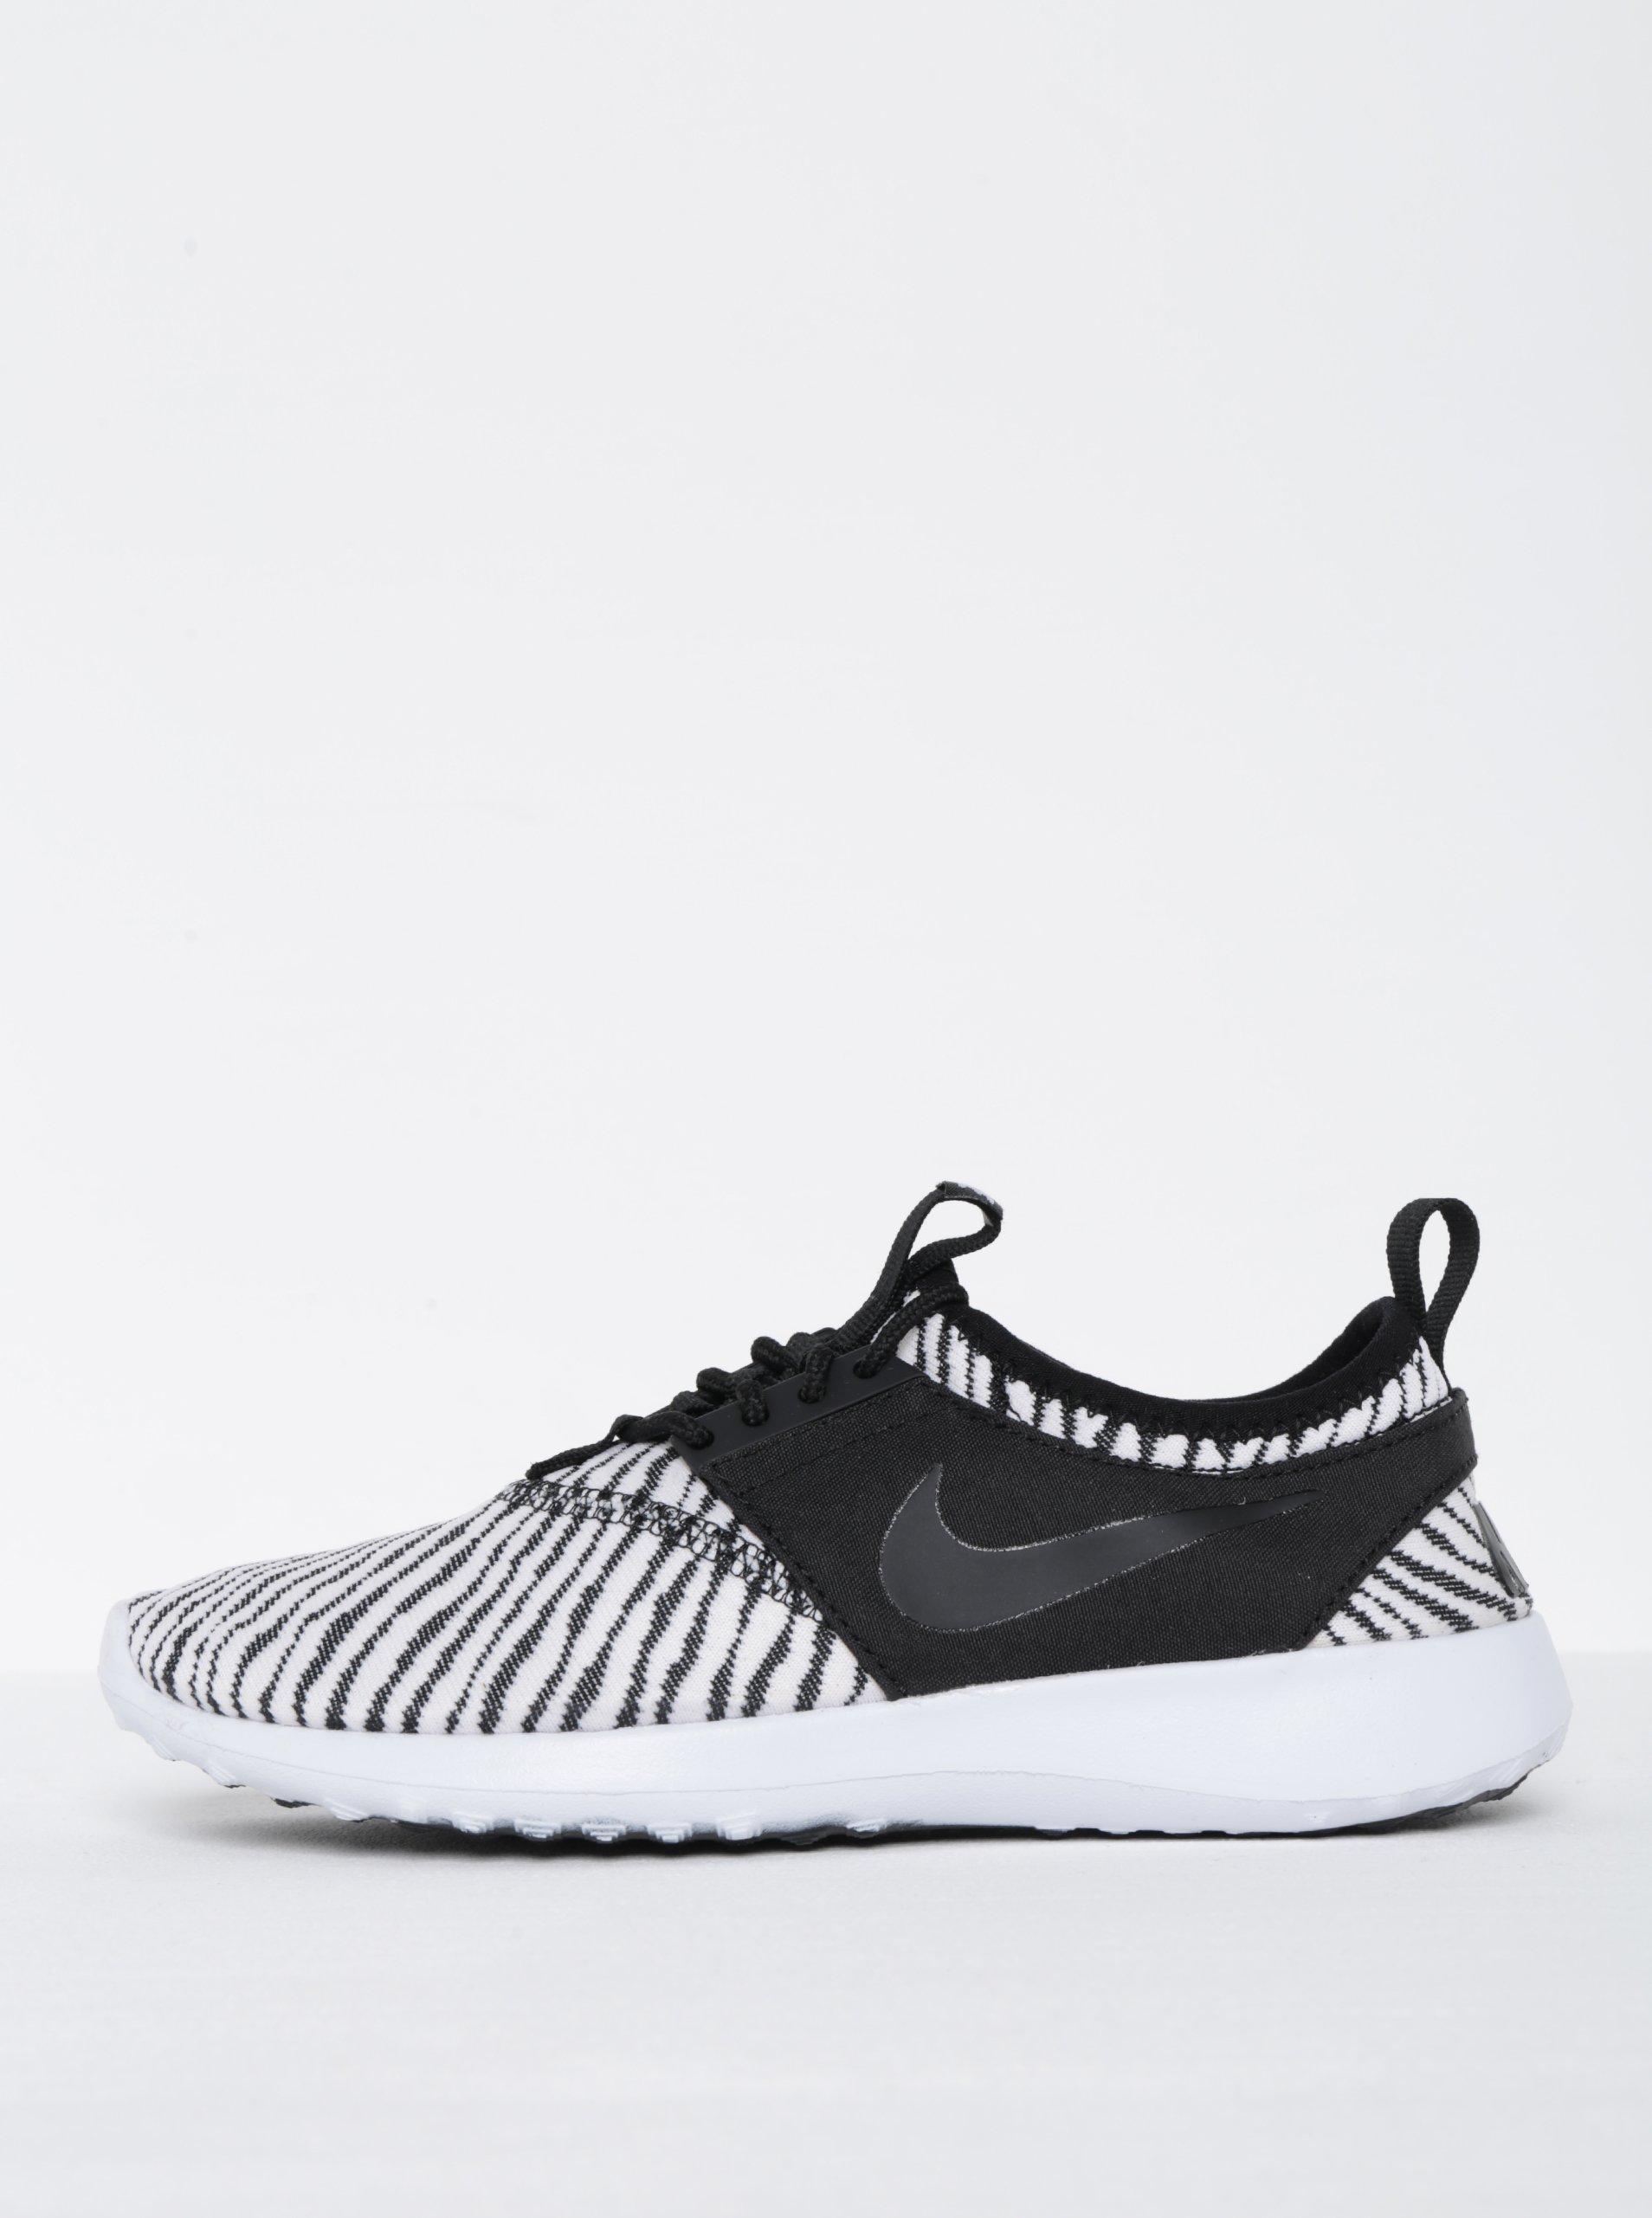 0bfc6d44acaa Čierno-biele dámske vzorované tenisky Nike Juvenate SE